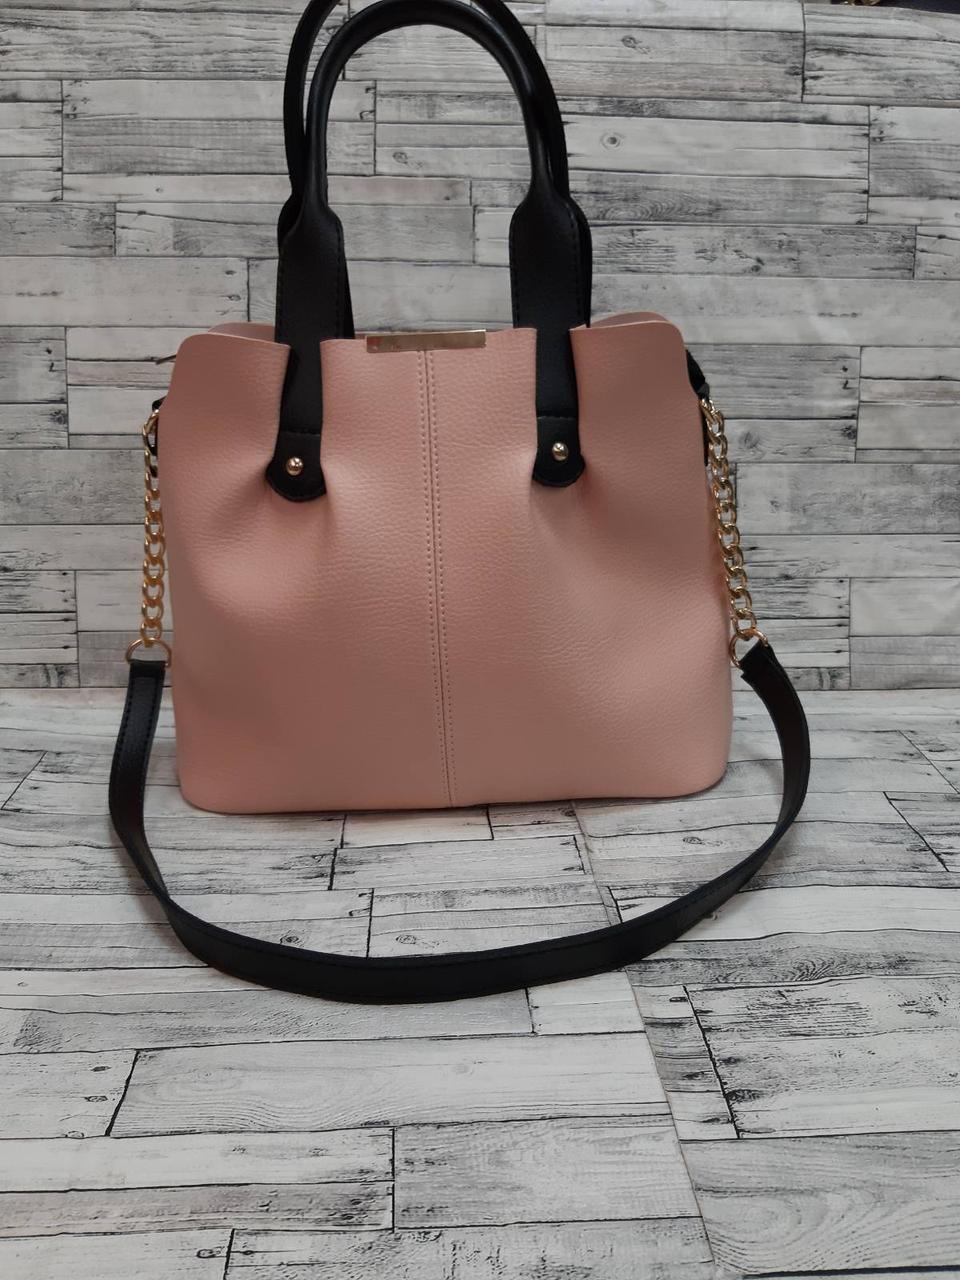 Стильна Жіноча Сумочка сумка з еко-шкіри. Пудра/Чорний